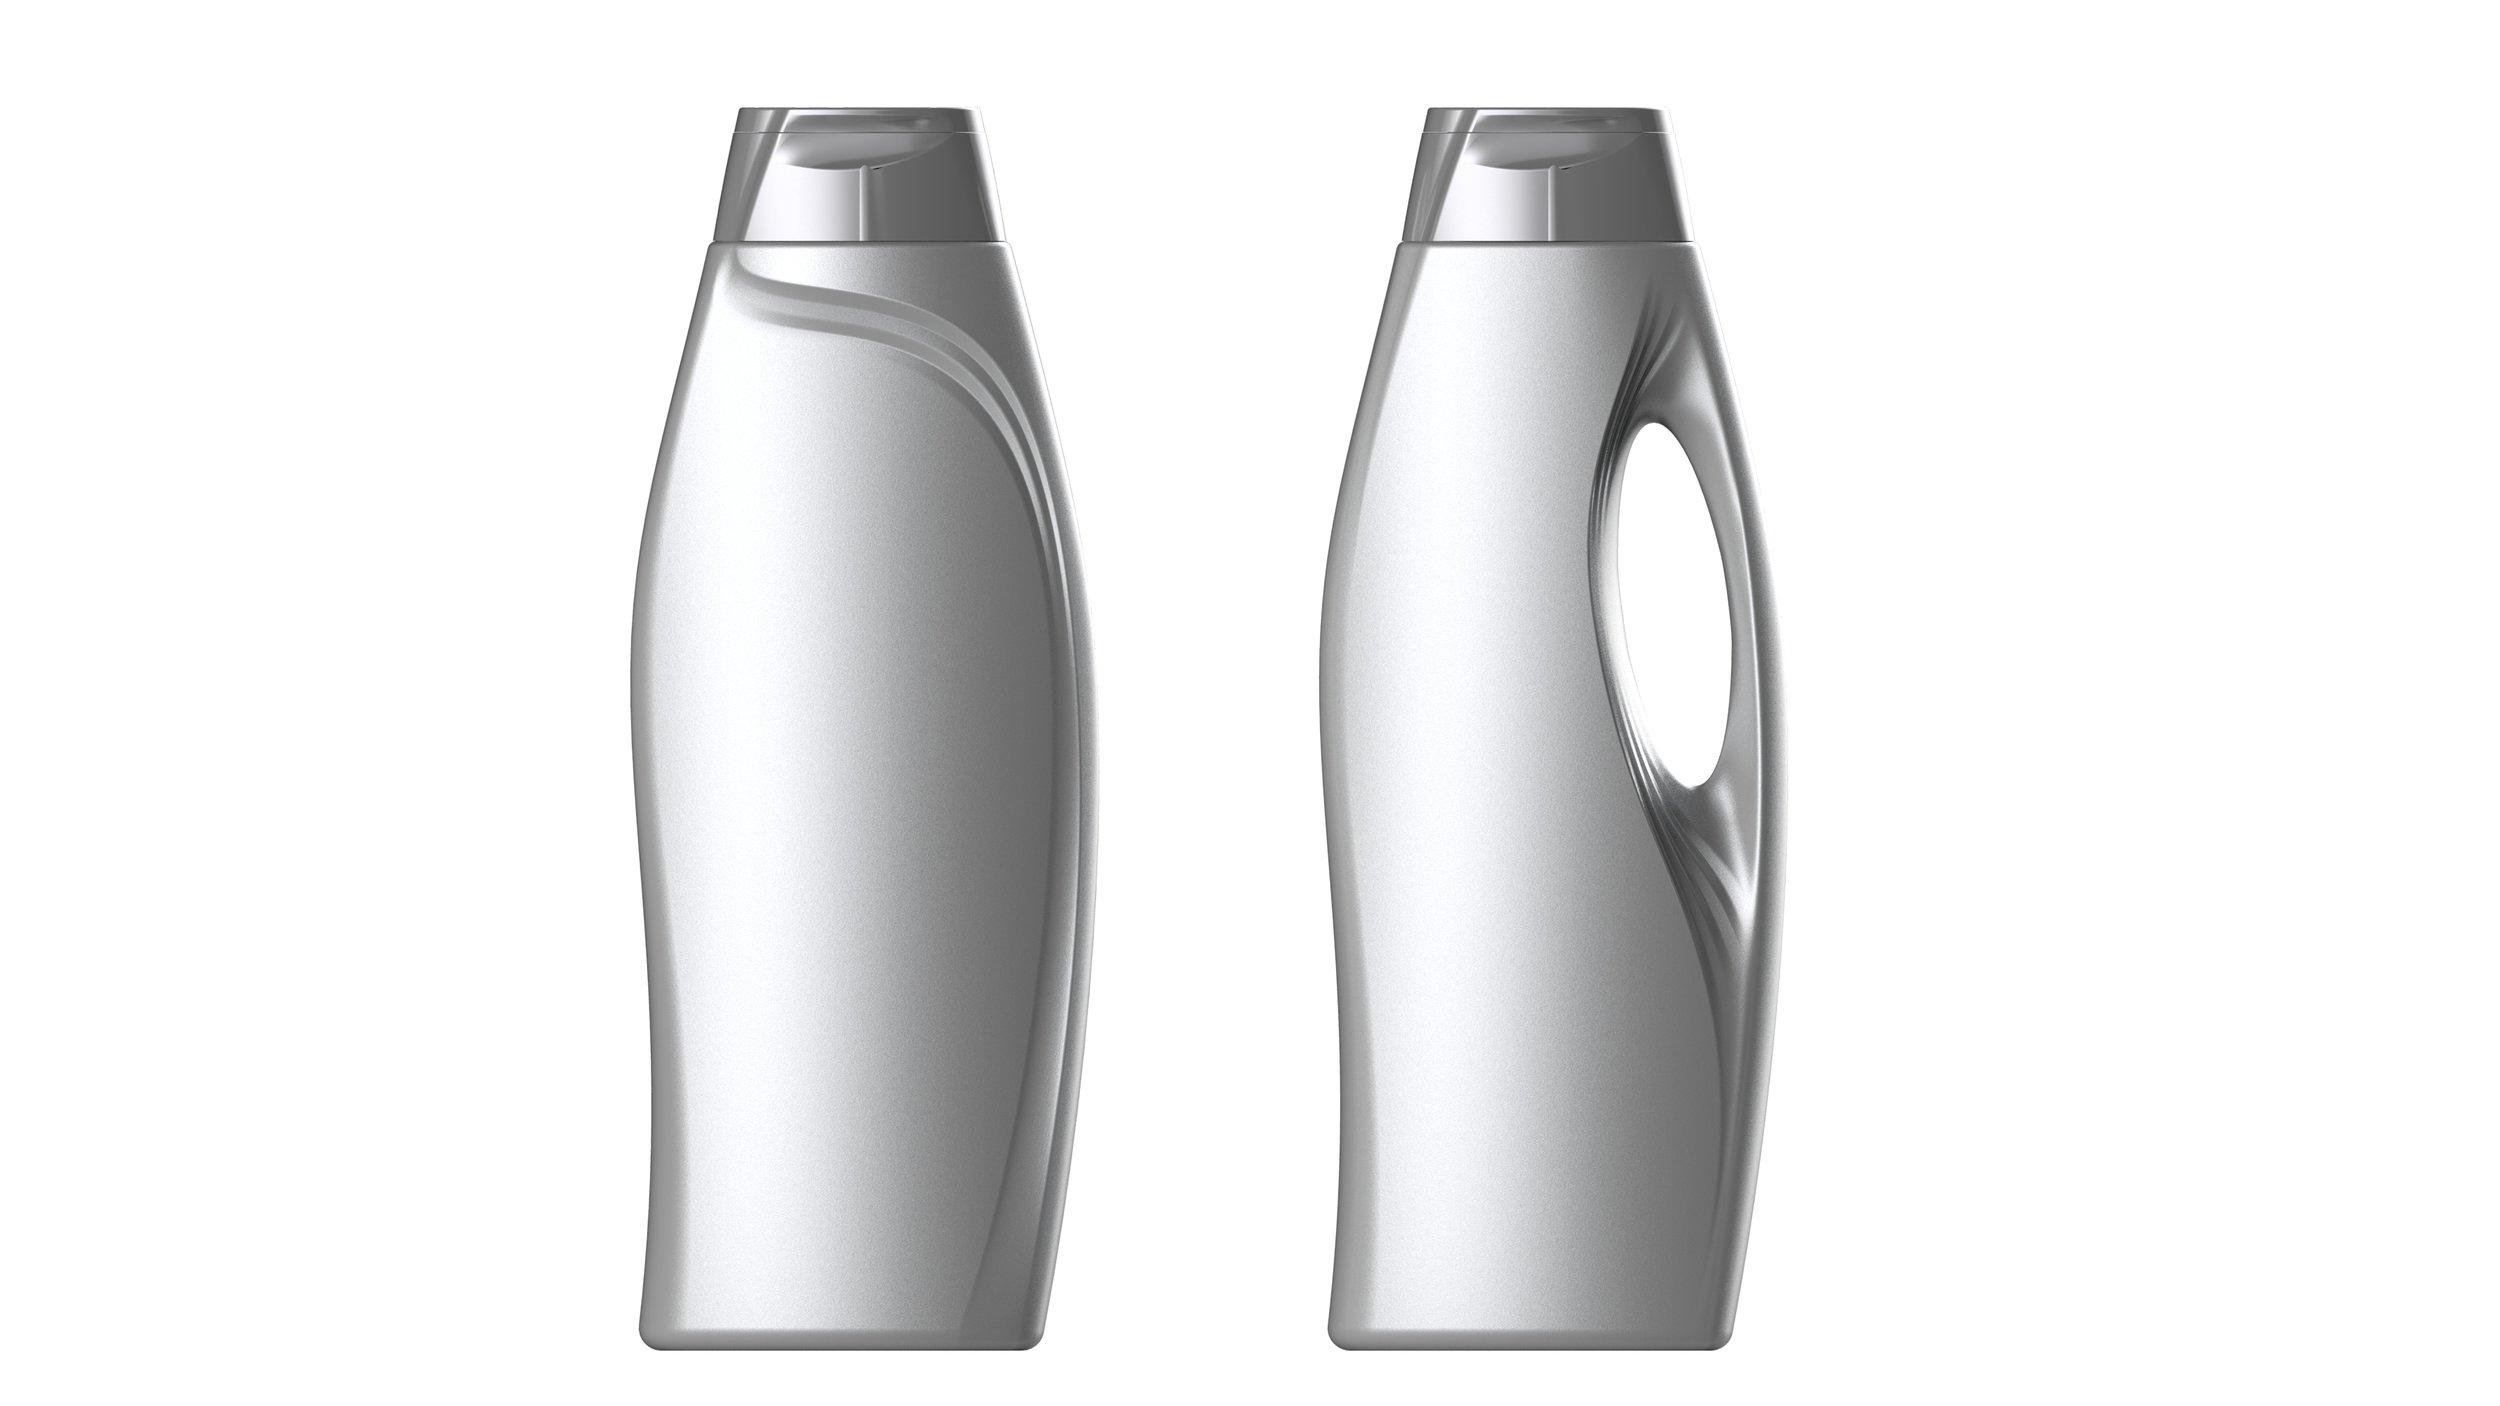 081816_Bottles.76.jpg